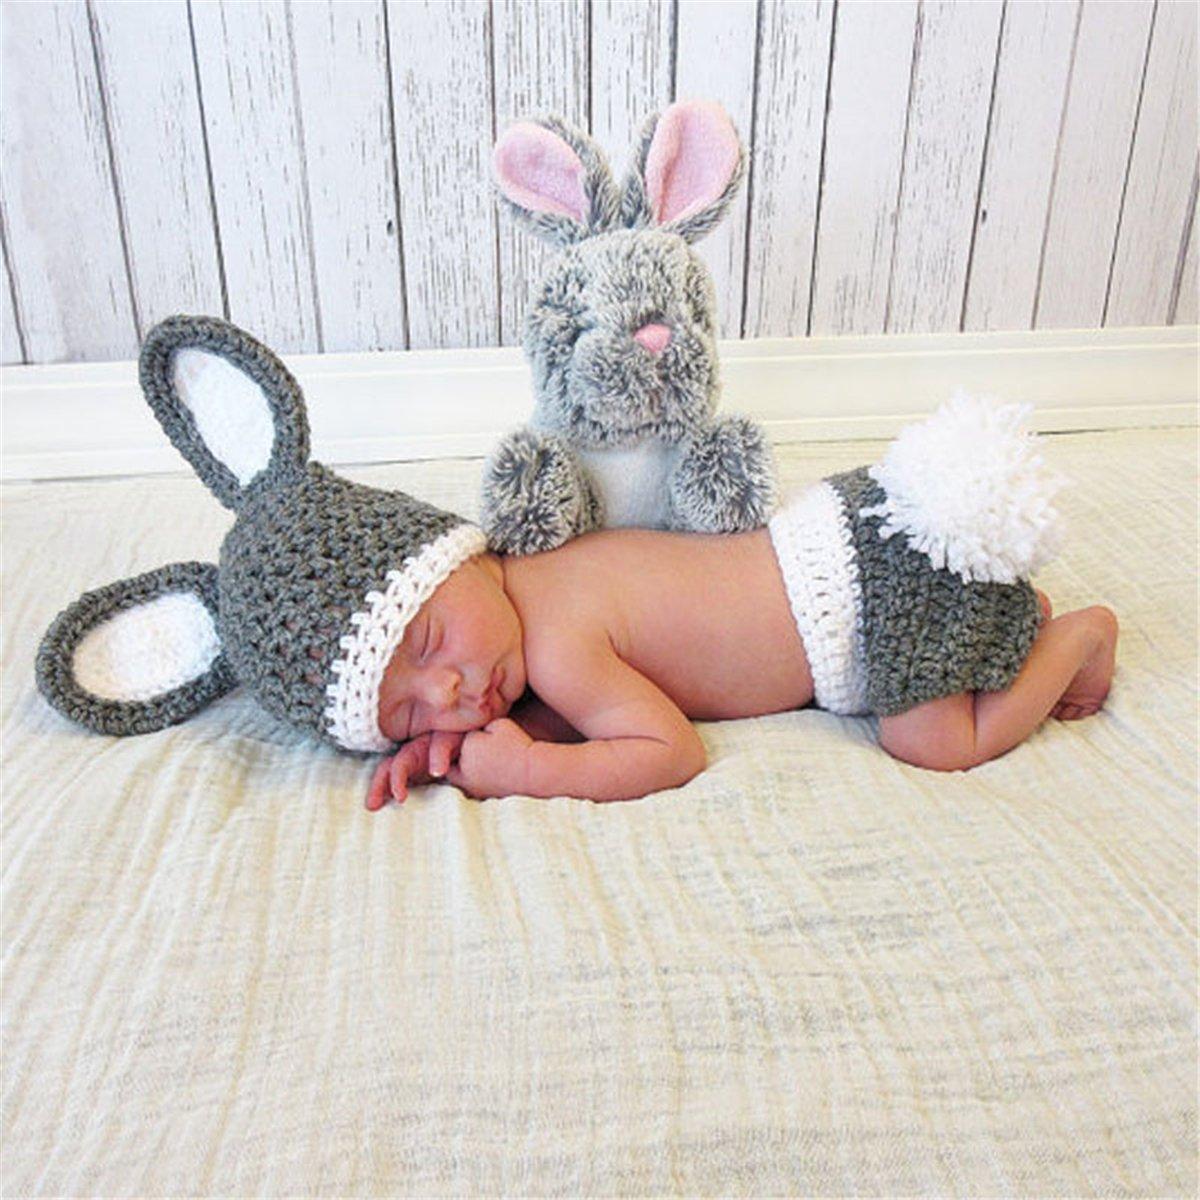 0-3 Meses de beb/é ZZHK Baby Photography Props Fotograf/ía de beb/é Disfraces de Conejo Hechos a Mano Ropa de fotograf/ía de beb/é